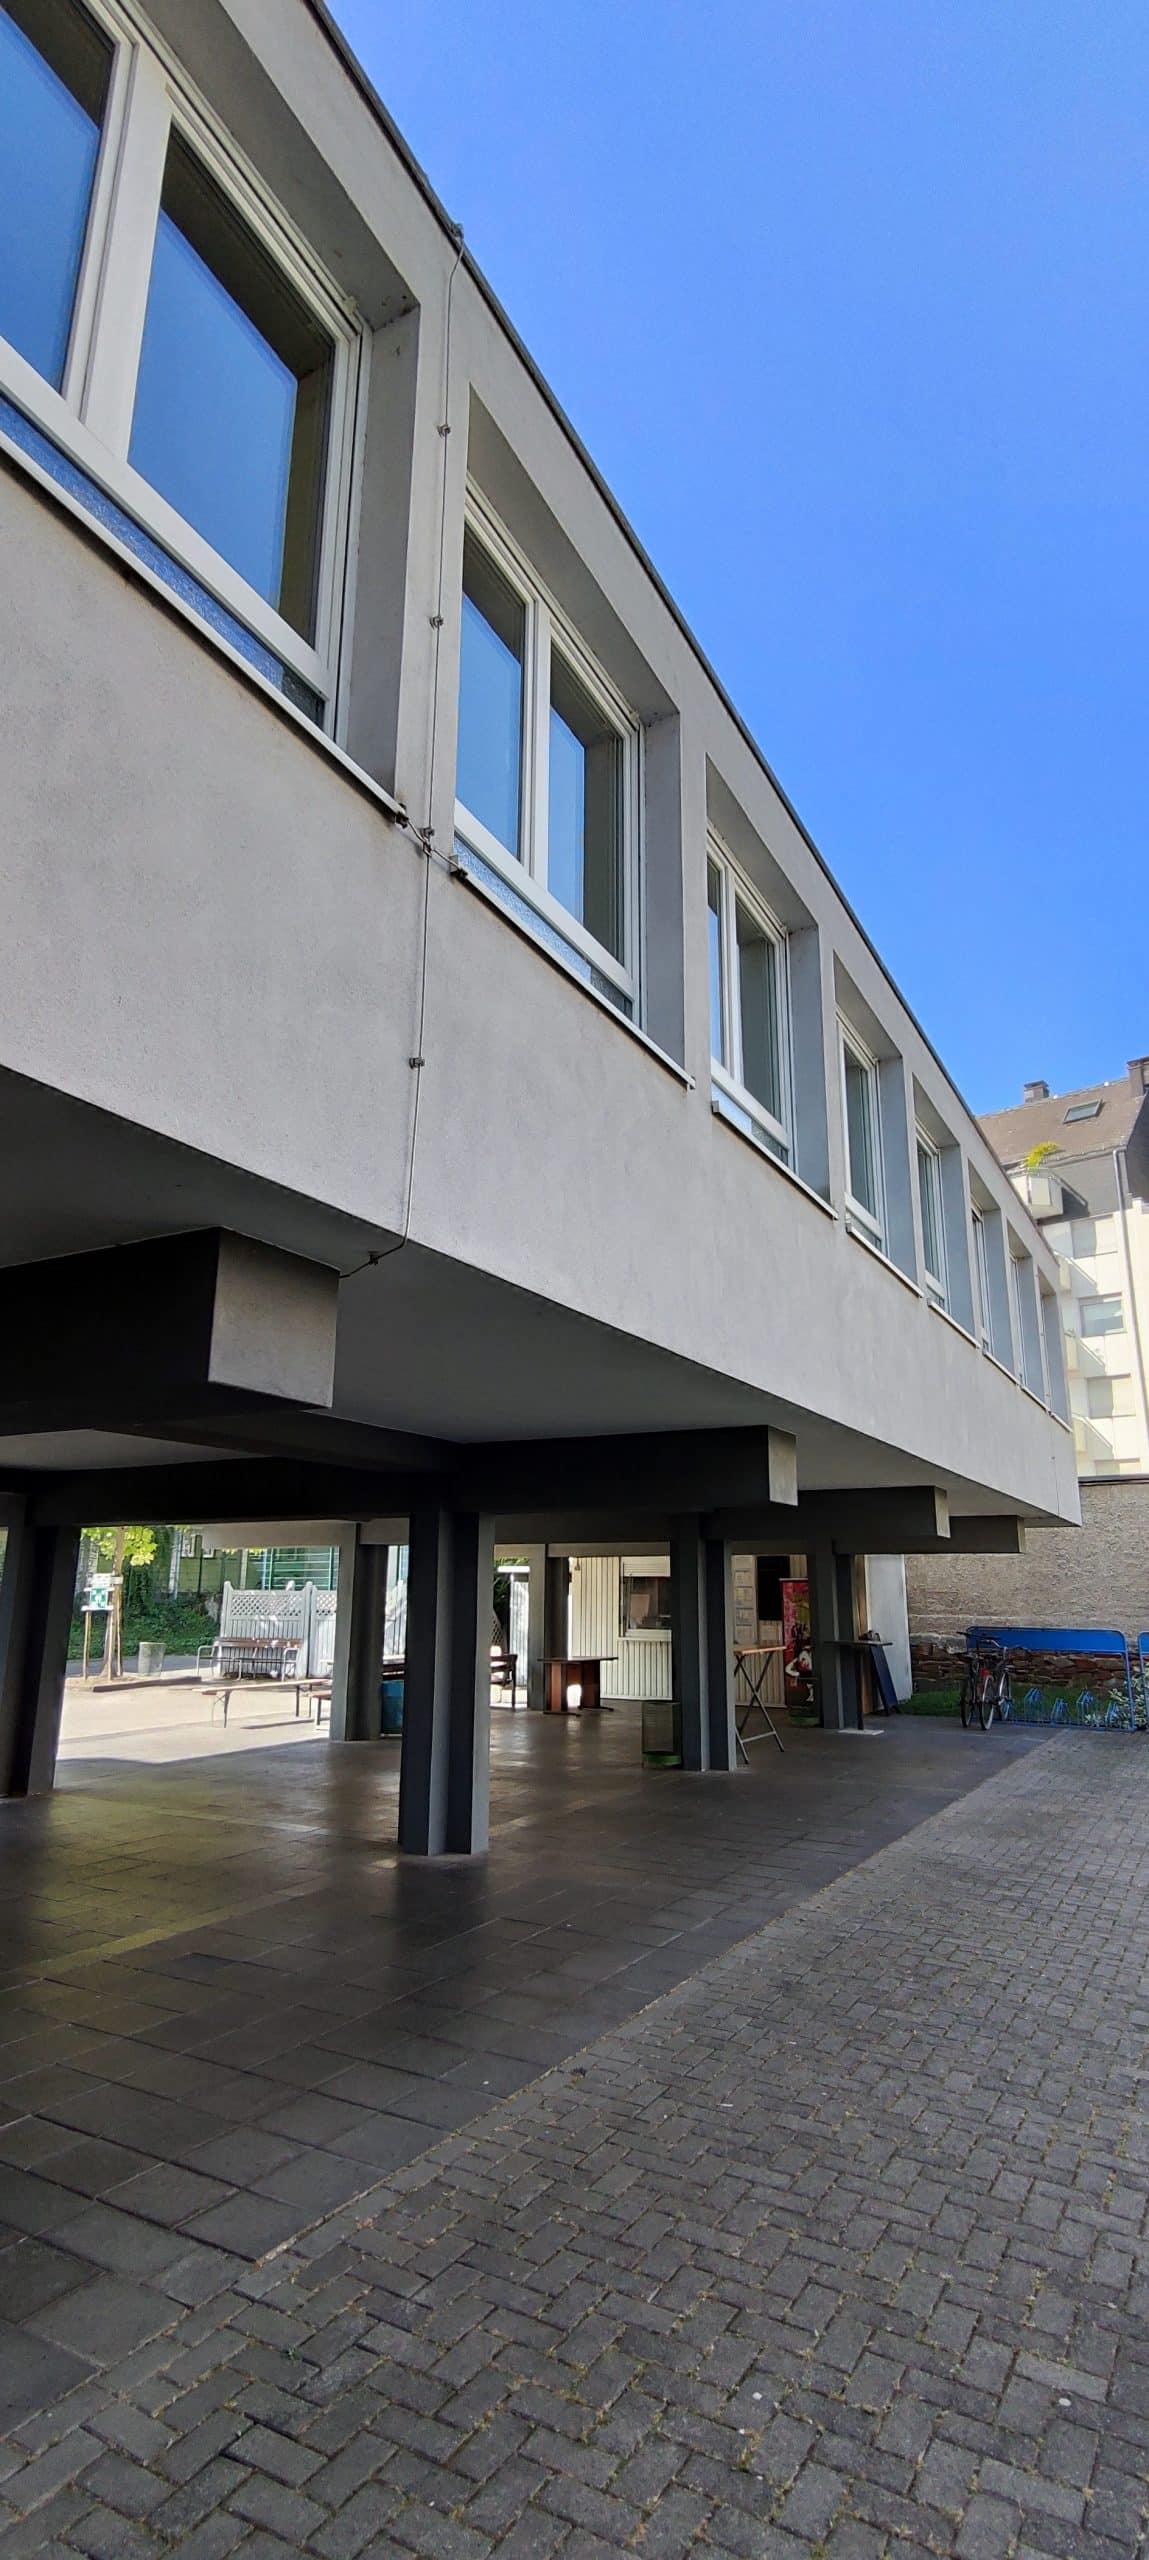 Dr. Zimmermannsche Wirtschaftsschule in Koblenz Schulhof mit Blick auf den Kiosk unter dem Anbau